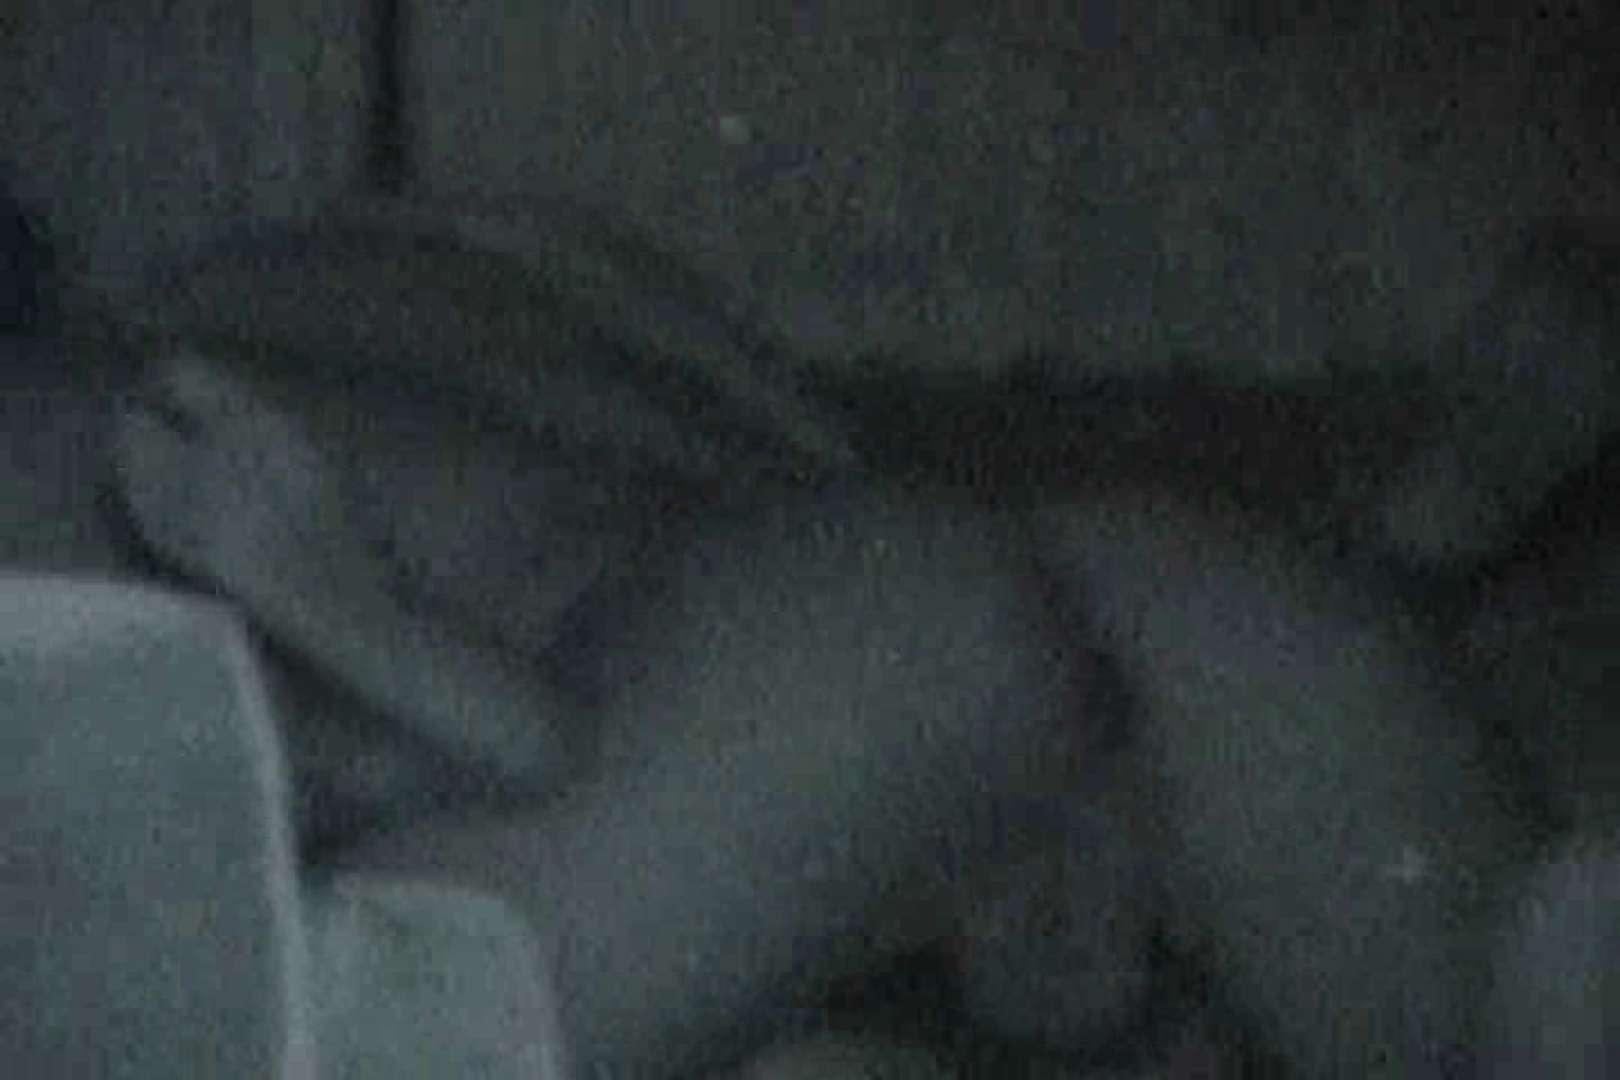 充血監督の深夜の運動会Vol.24 フェラ最高 AV無料動画キャプチャ 55画像 11